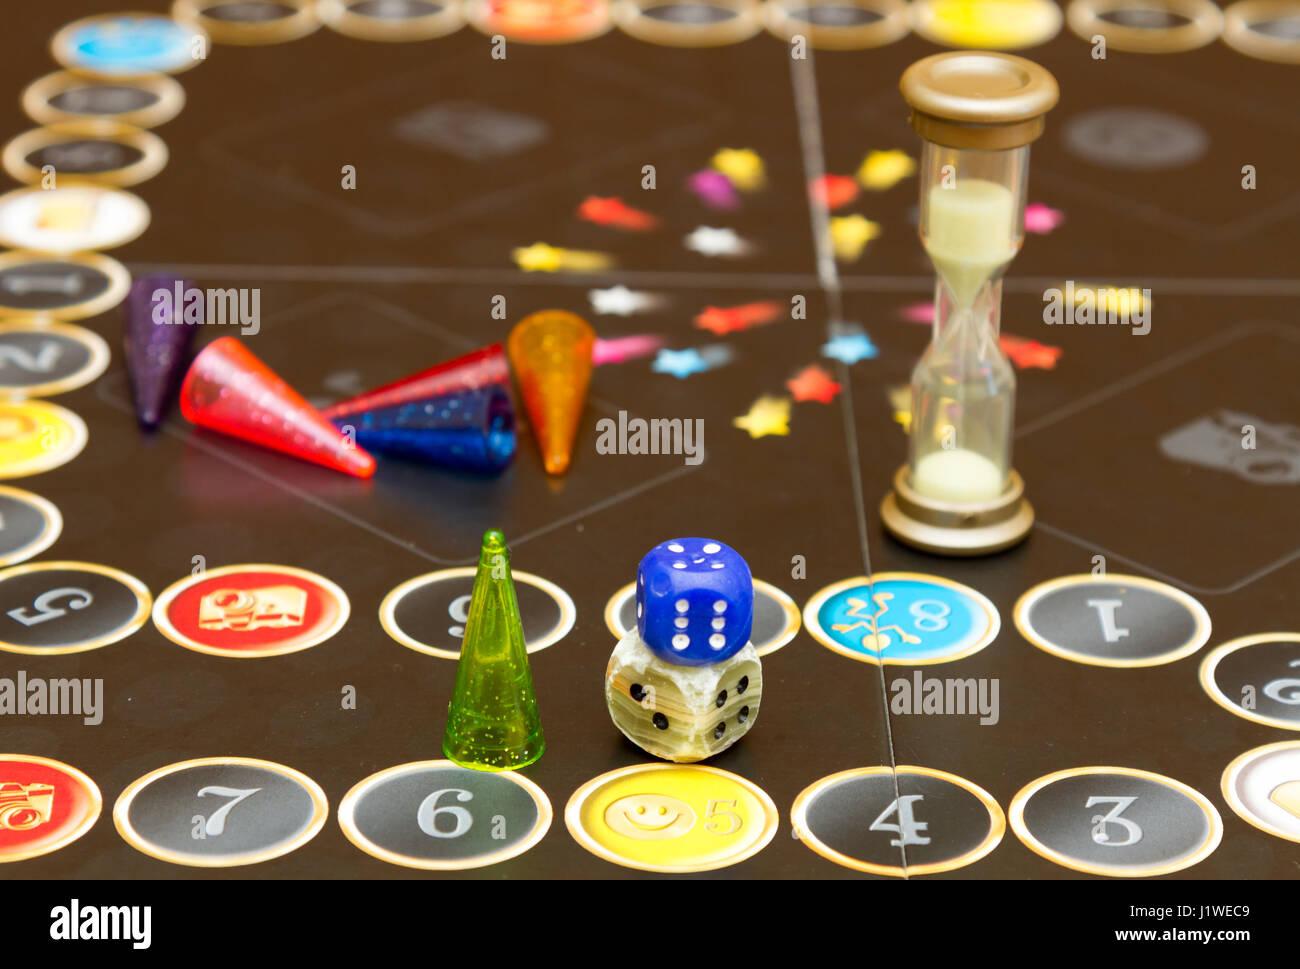 Azul Verde Y Rojo Fichas De Plastico Dados Y Juegos De Mesa Para